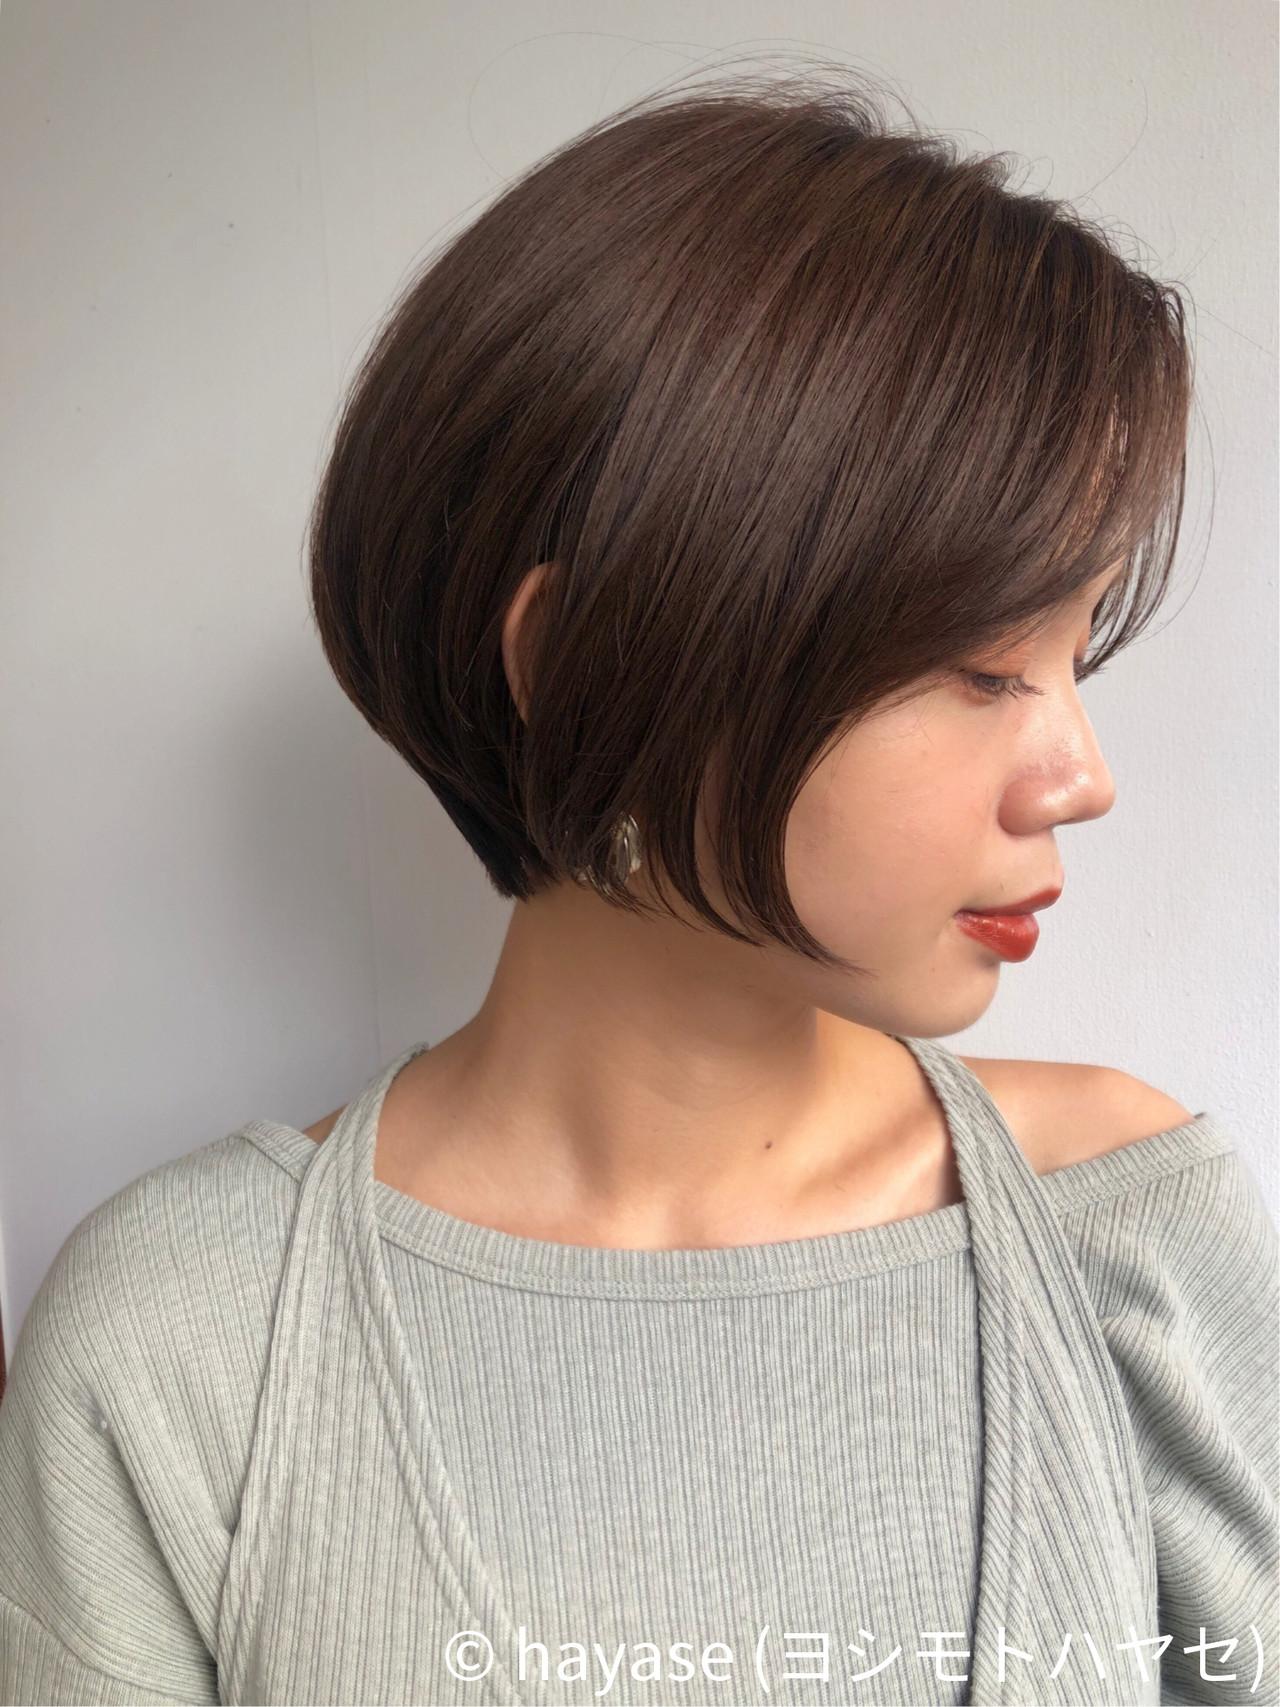 ショートボブ ベリーショート バイオレットアッシュ エレガント ヘアスタイルや髪型の写真・画像